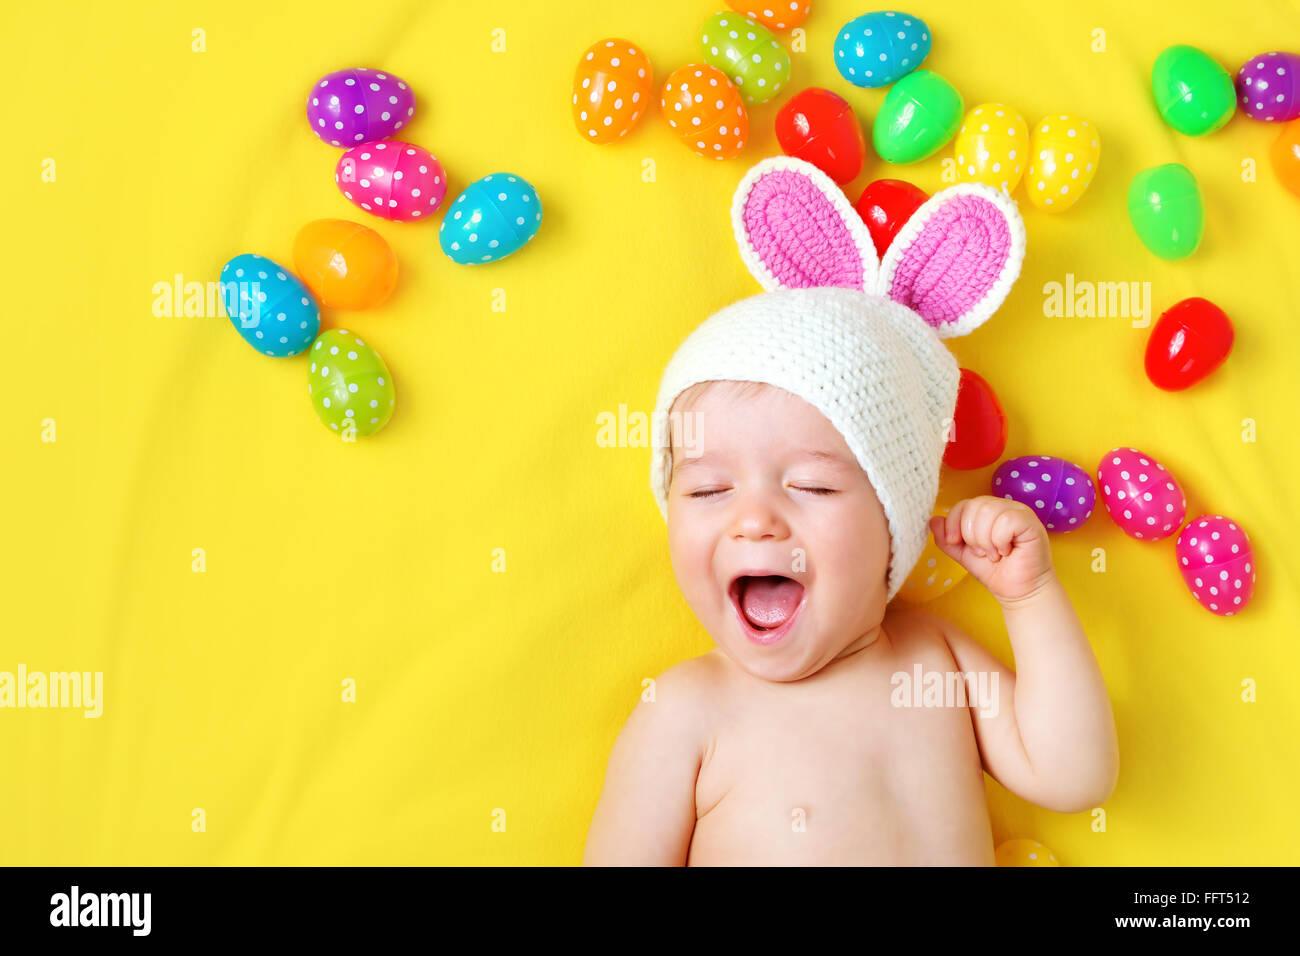 Baby Boy en bunny hat acostado sobre una manta amarilla con huevos de Pascua Imagen De Stock